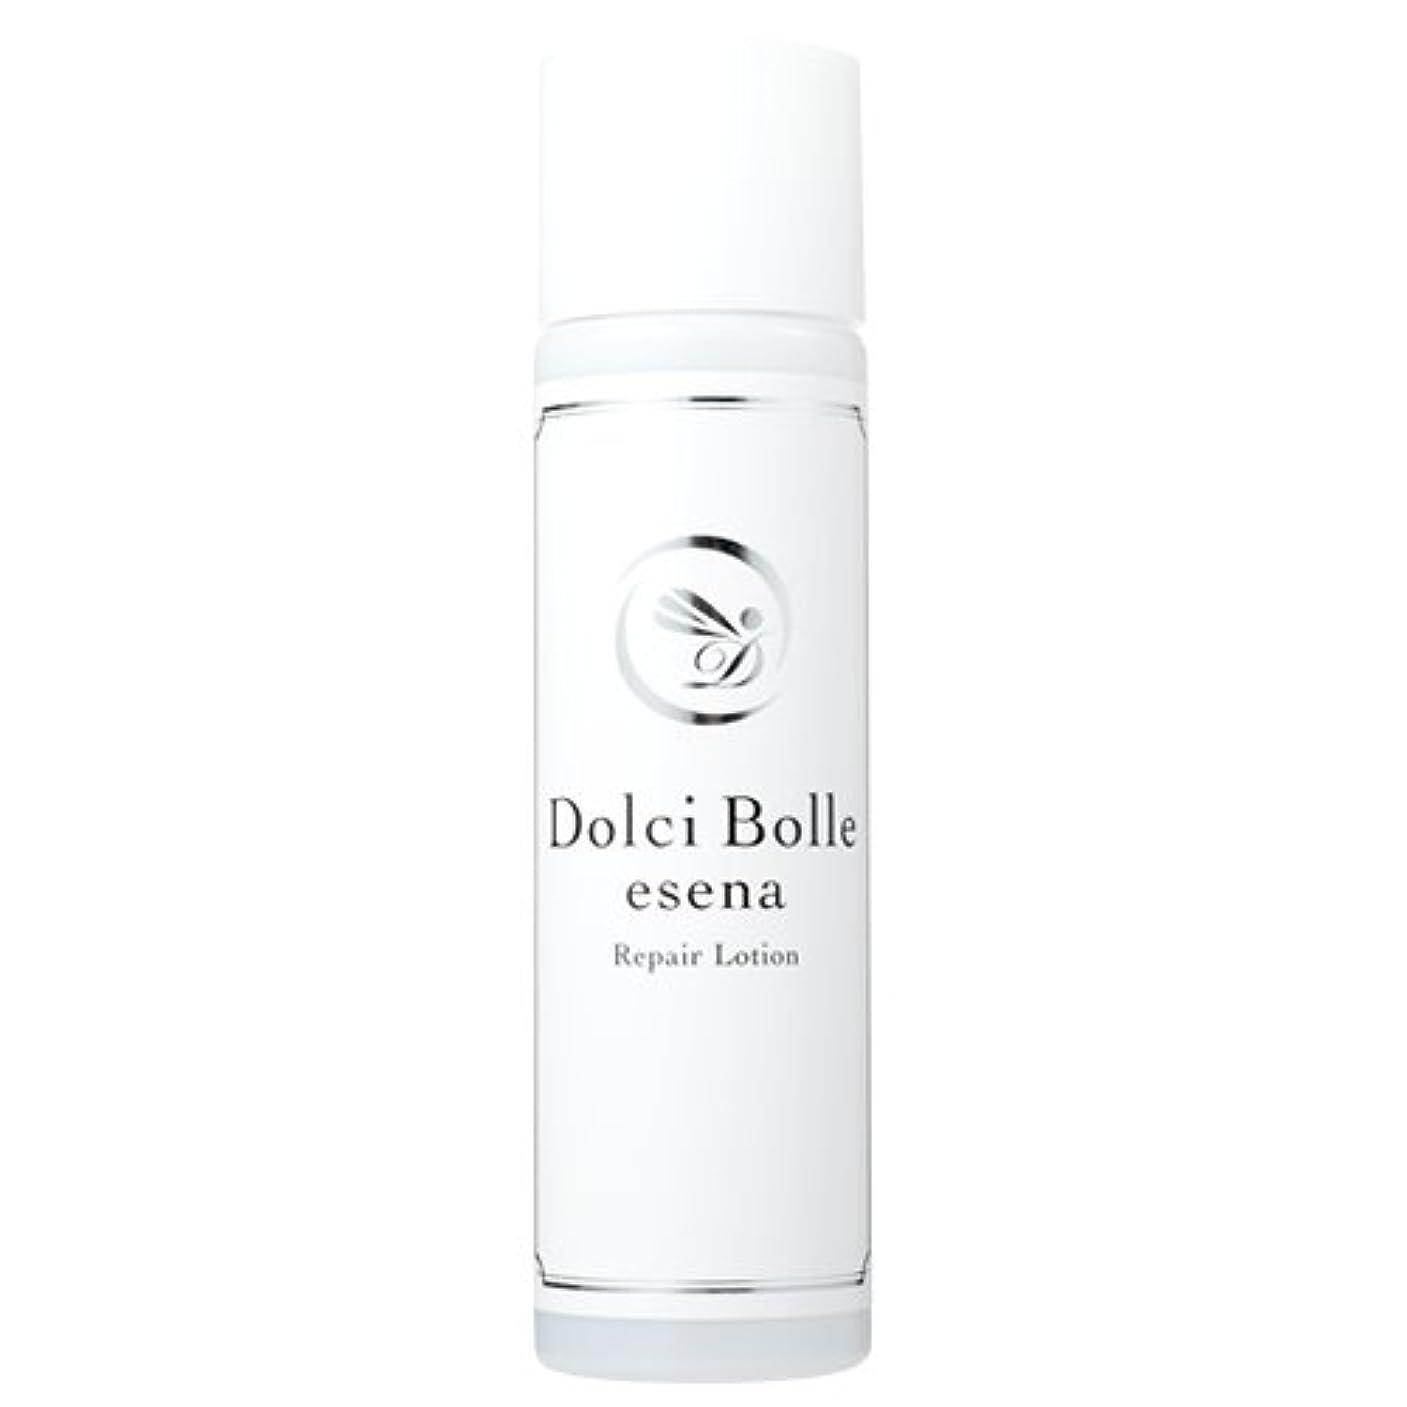 フォーク回る処方するDolci Bolle(ドルチボーレ) esena(エセナ) リペアローション 150ml